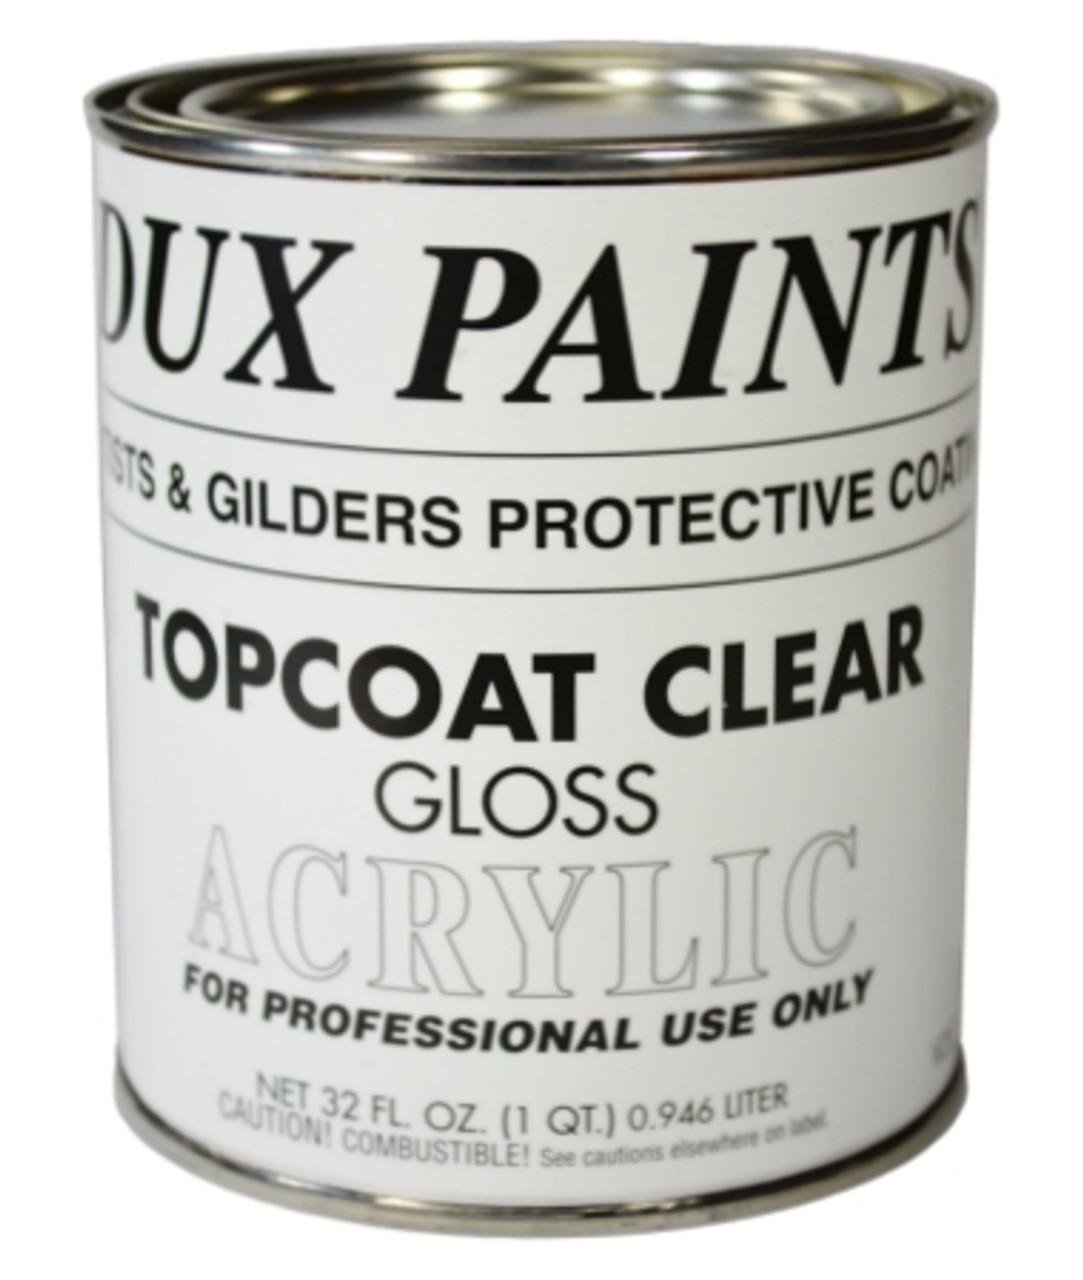 DUX Topcoat Clear Gloss, One Quart